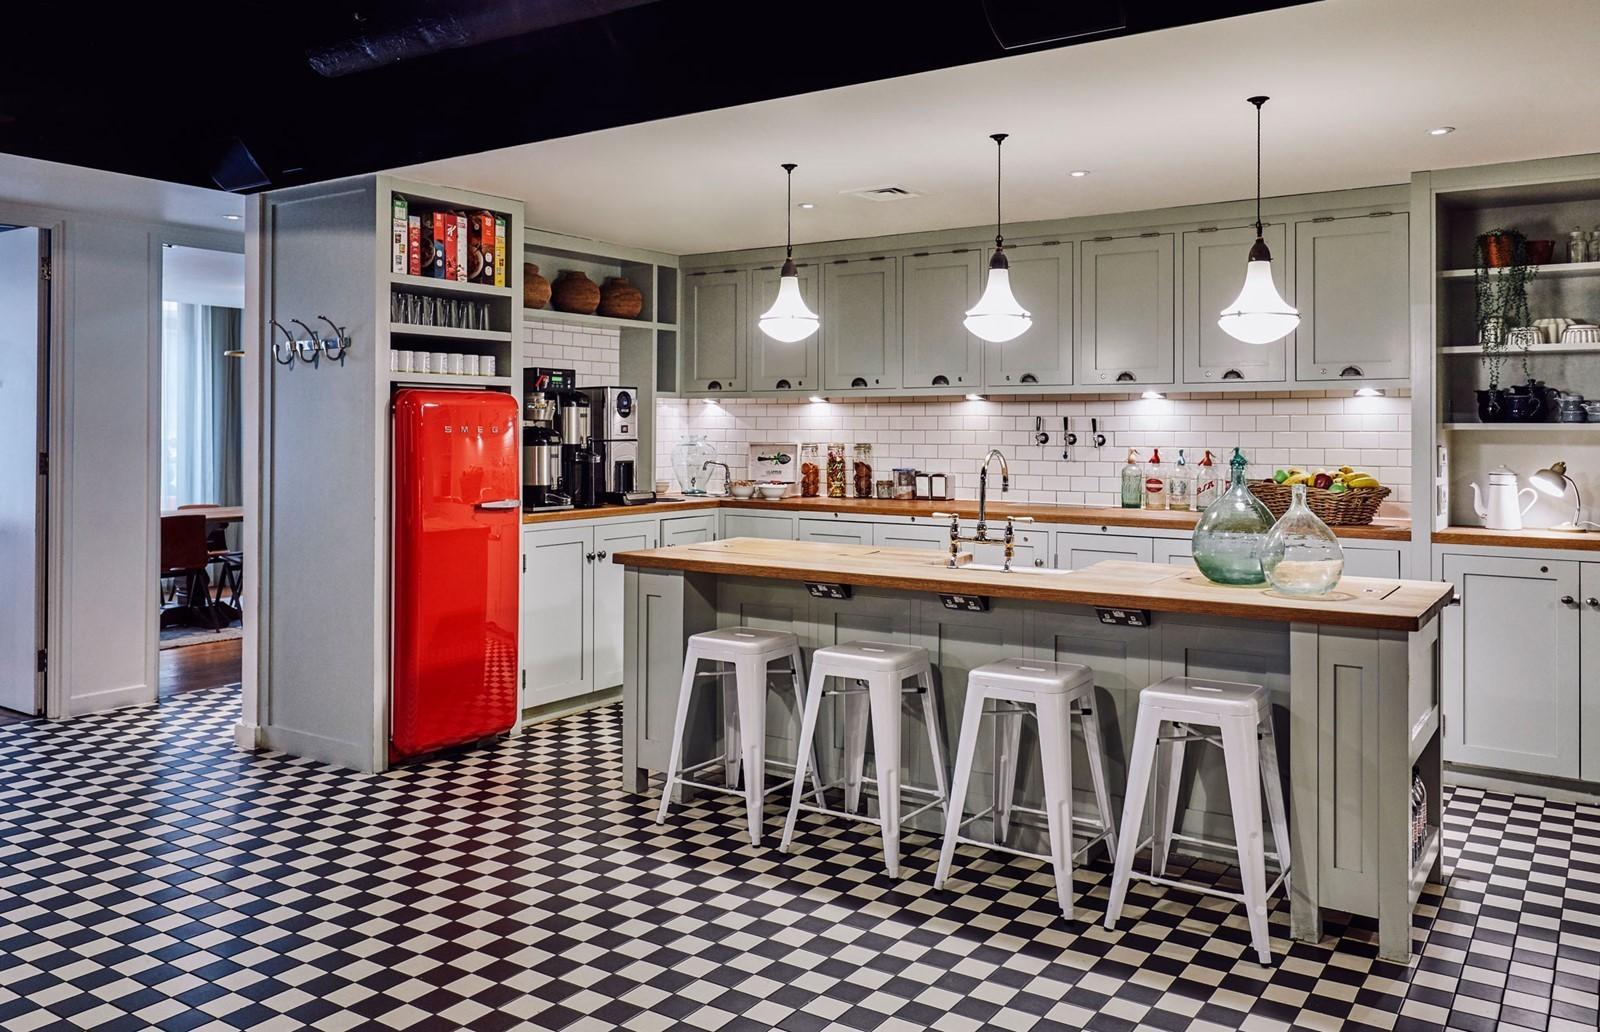 sietliche tolle ideen pantry küche